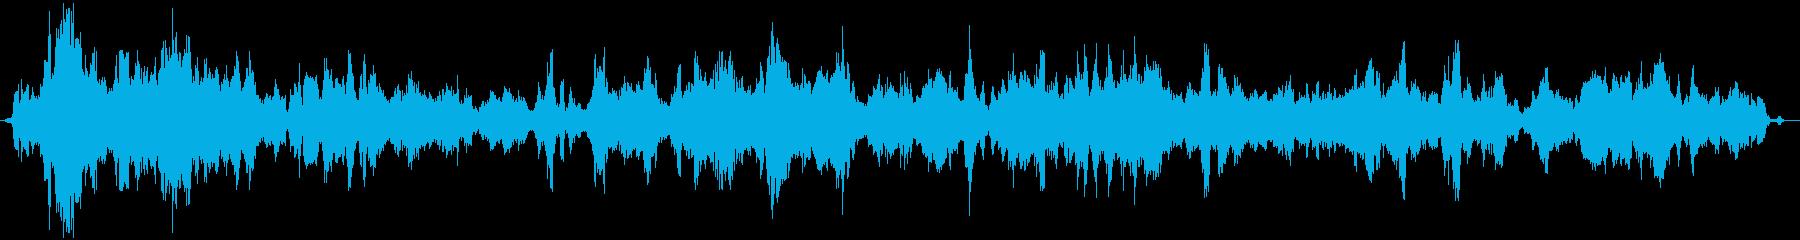 群集 チアハッピーロング01の再生済みの波形